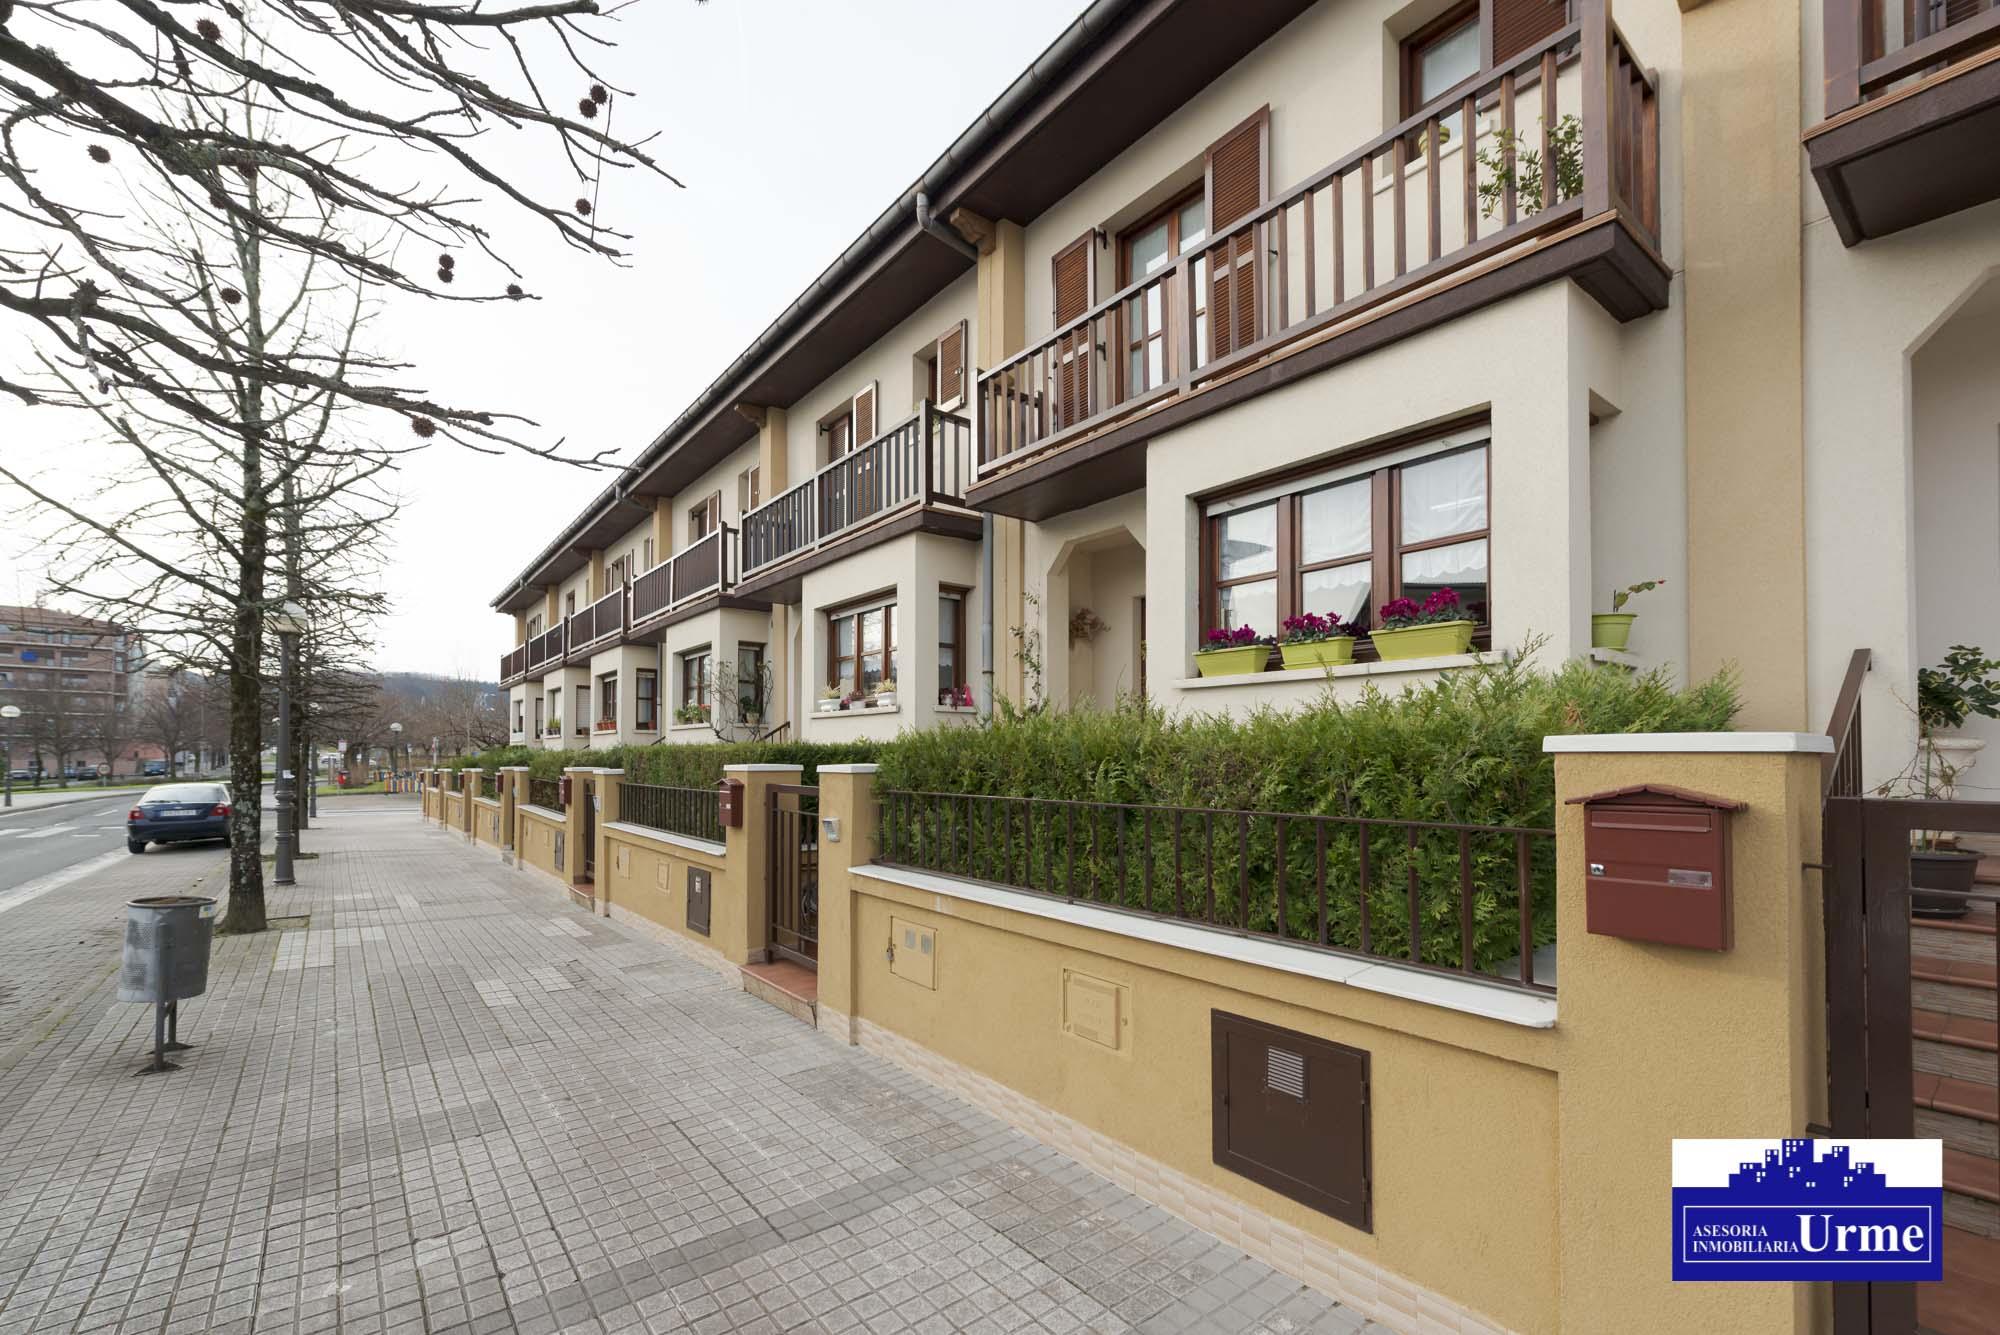 Villa adosada,con mucho encanto y en perfecto estado.190m2 útiles.Gran terraza,Garaje doble.txoko,Te gustará, ven a visitarla!!